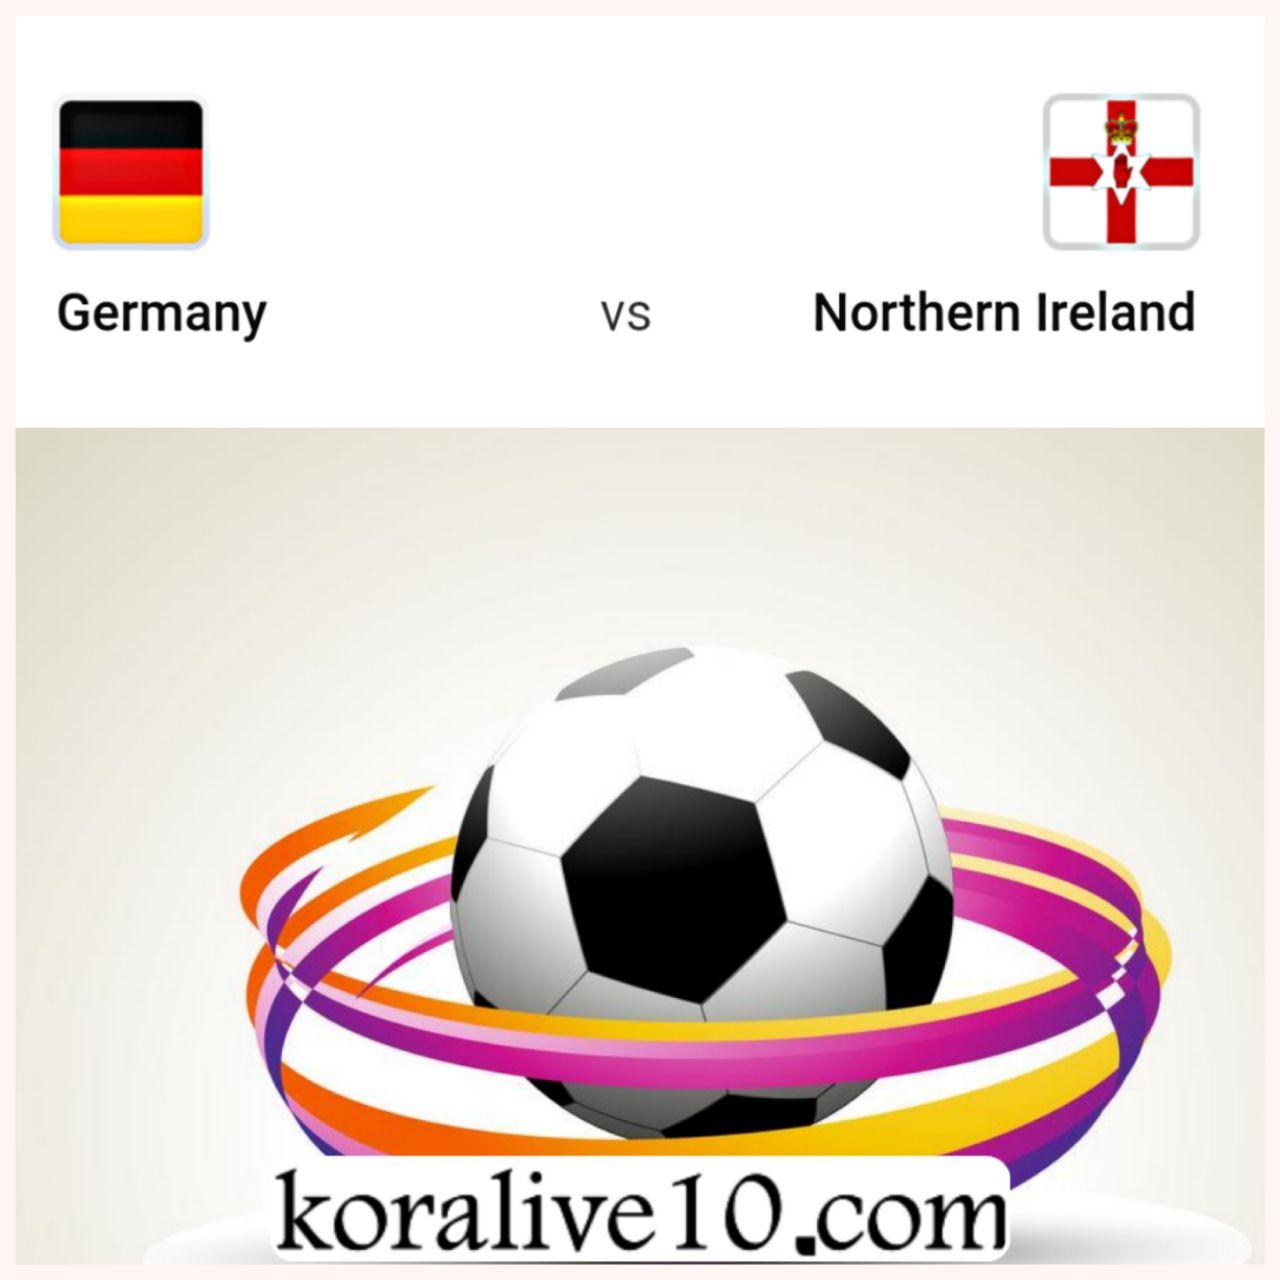 موعد مباراة ألمانيا وايرلندا الشمالية في التصفيات المؤهلة ليورو 2020 | كورة لايف